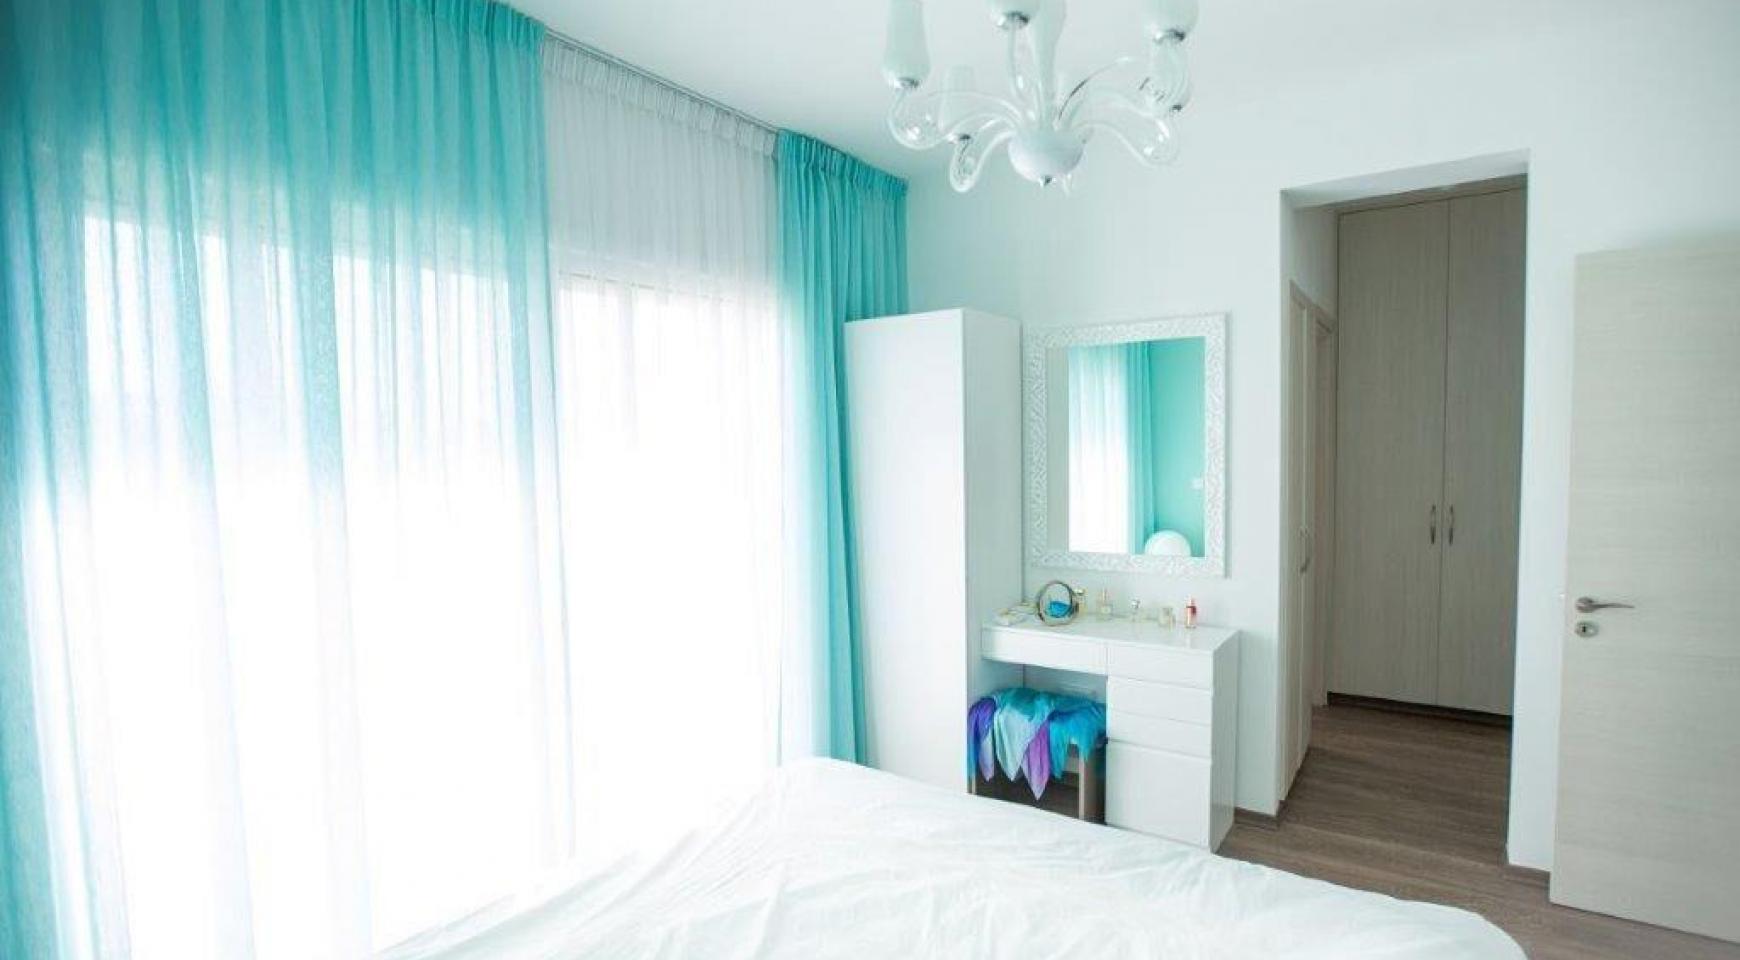 Αντίγραφο Αντίγραφο Αντίγραφο New 3 Bedroom Villa in Ipsonas Area - 7